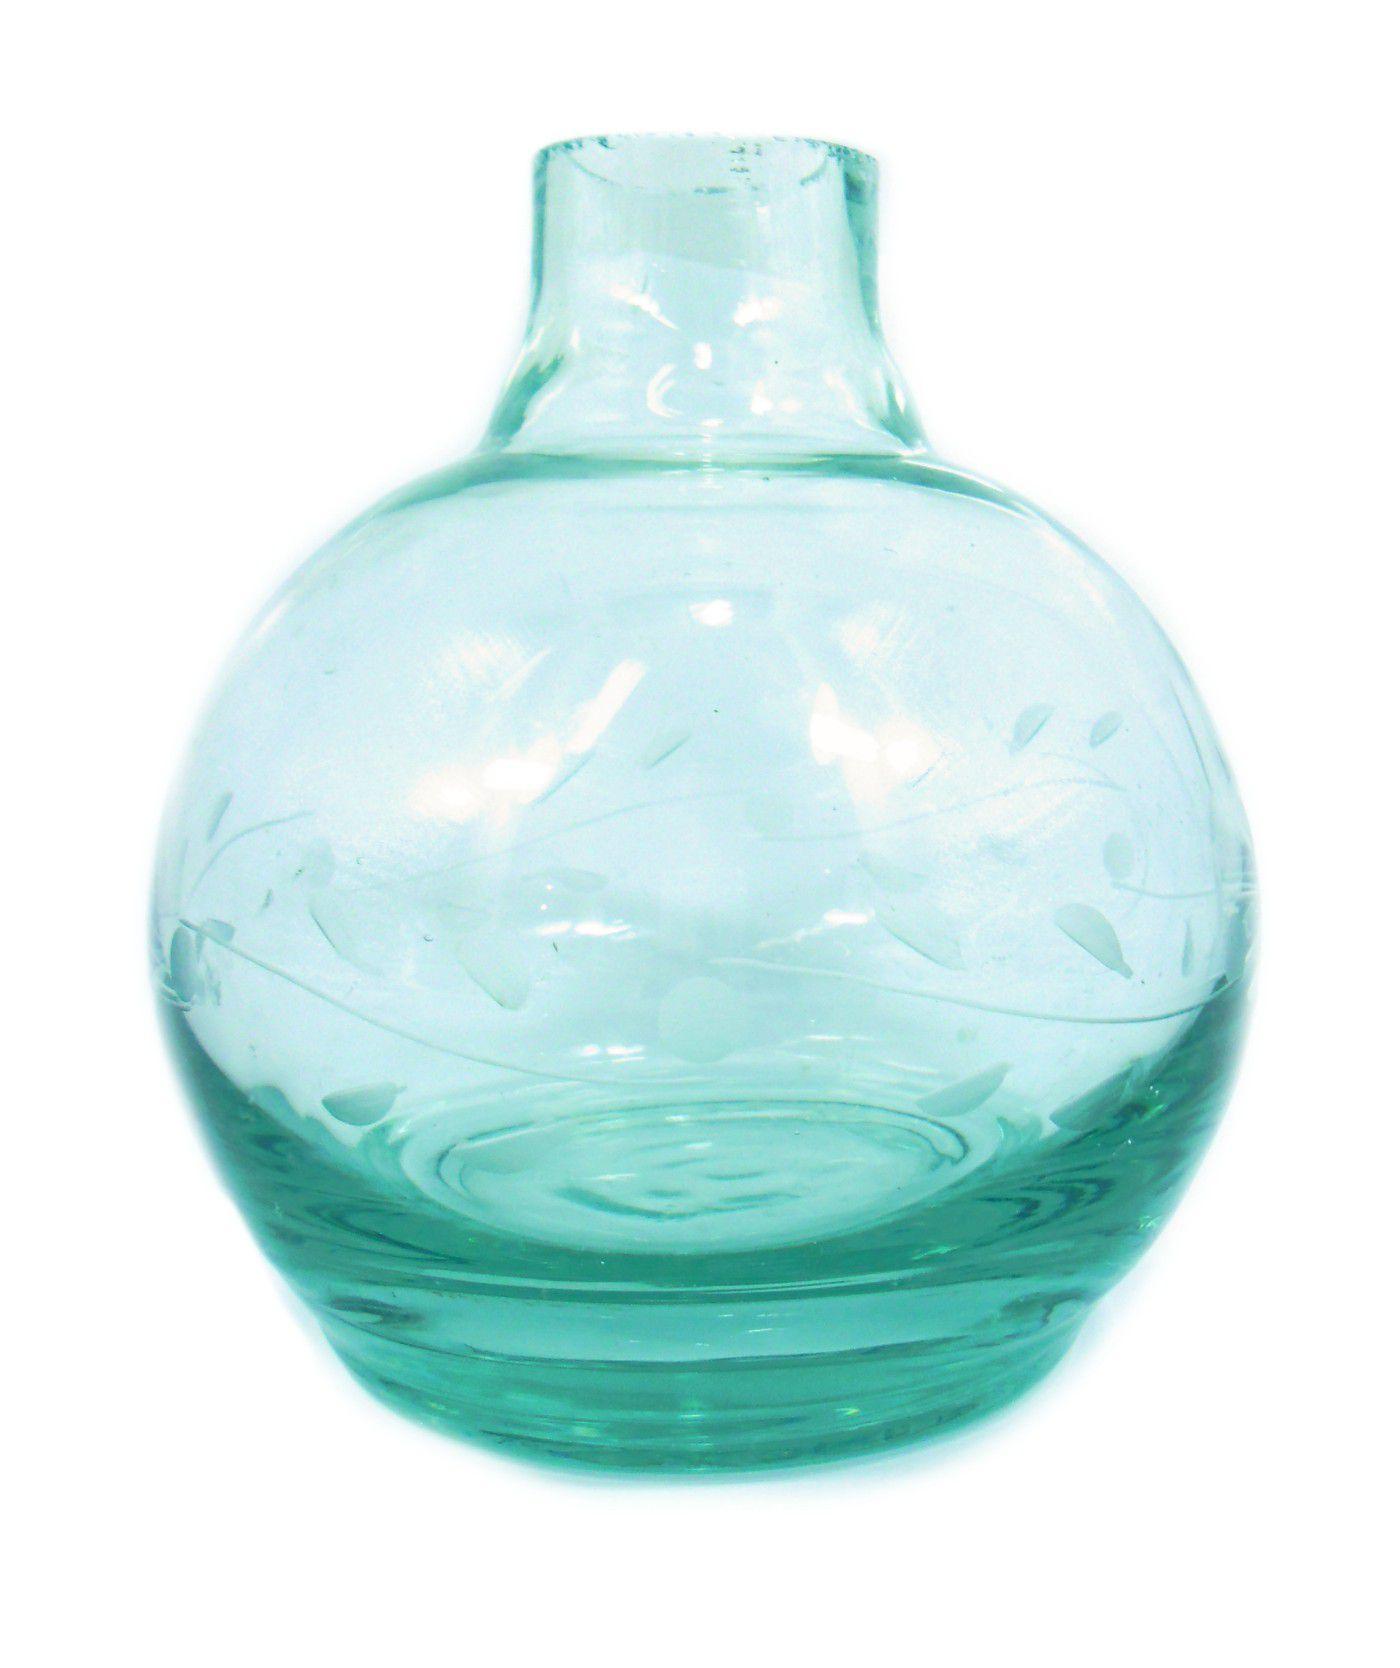 Vaso/base para narguile BALL macho 13cm, artesanal egípcio, transparente e lapidado. Bocal 3,7cm diâm.